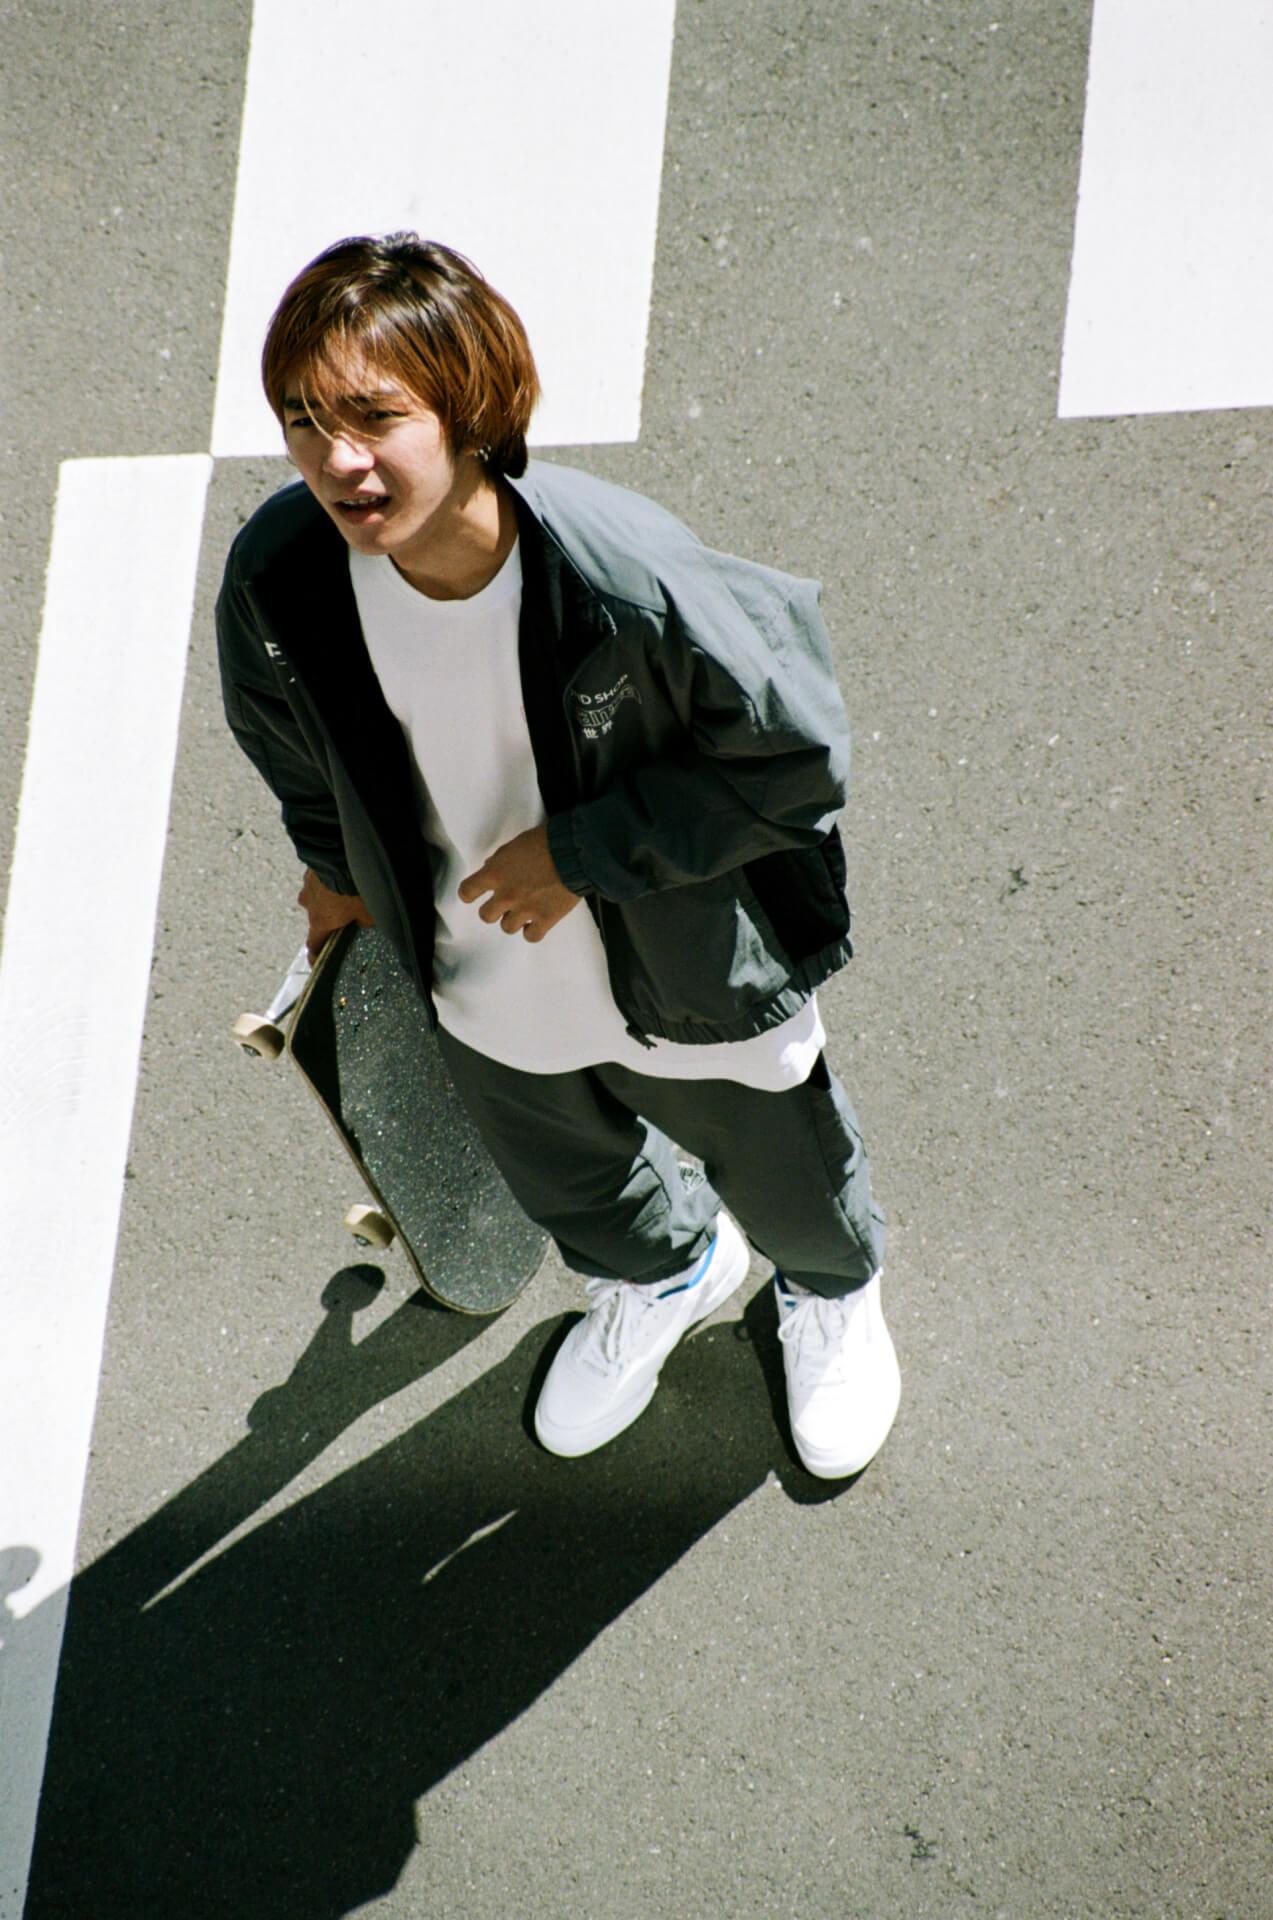 リーボックと韓国のSOUND SHOP balansaがコラボ!90年代のバスケコレクションをモチーフにしたClub Cが発売中 life211005_reebok_balansa_25